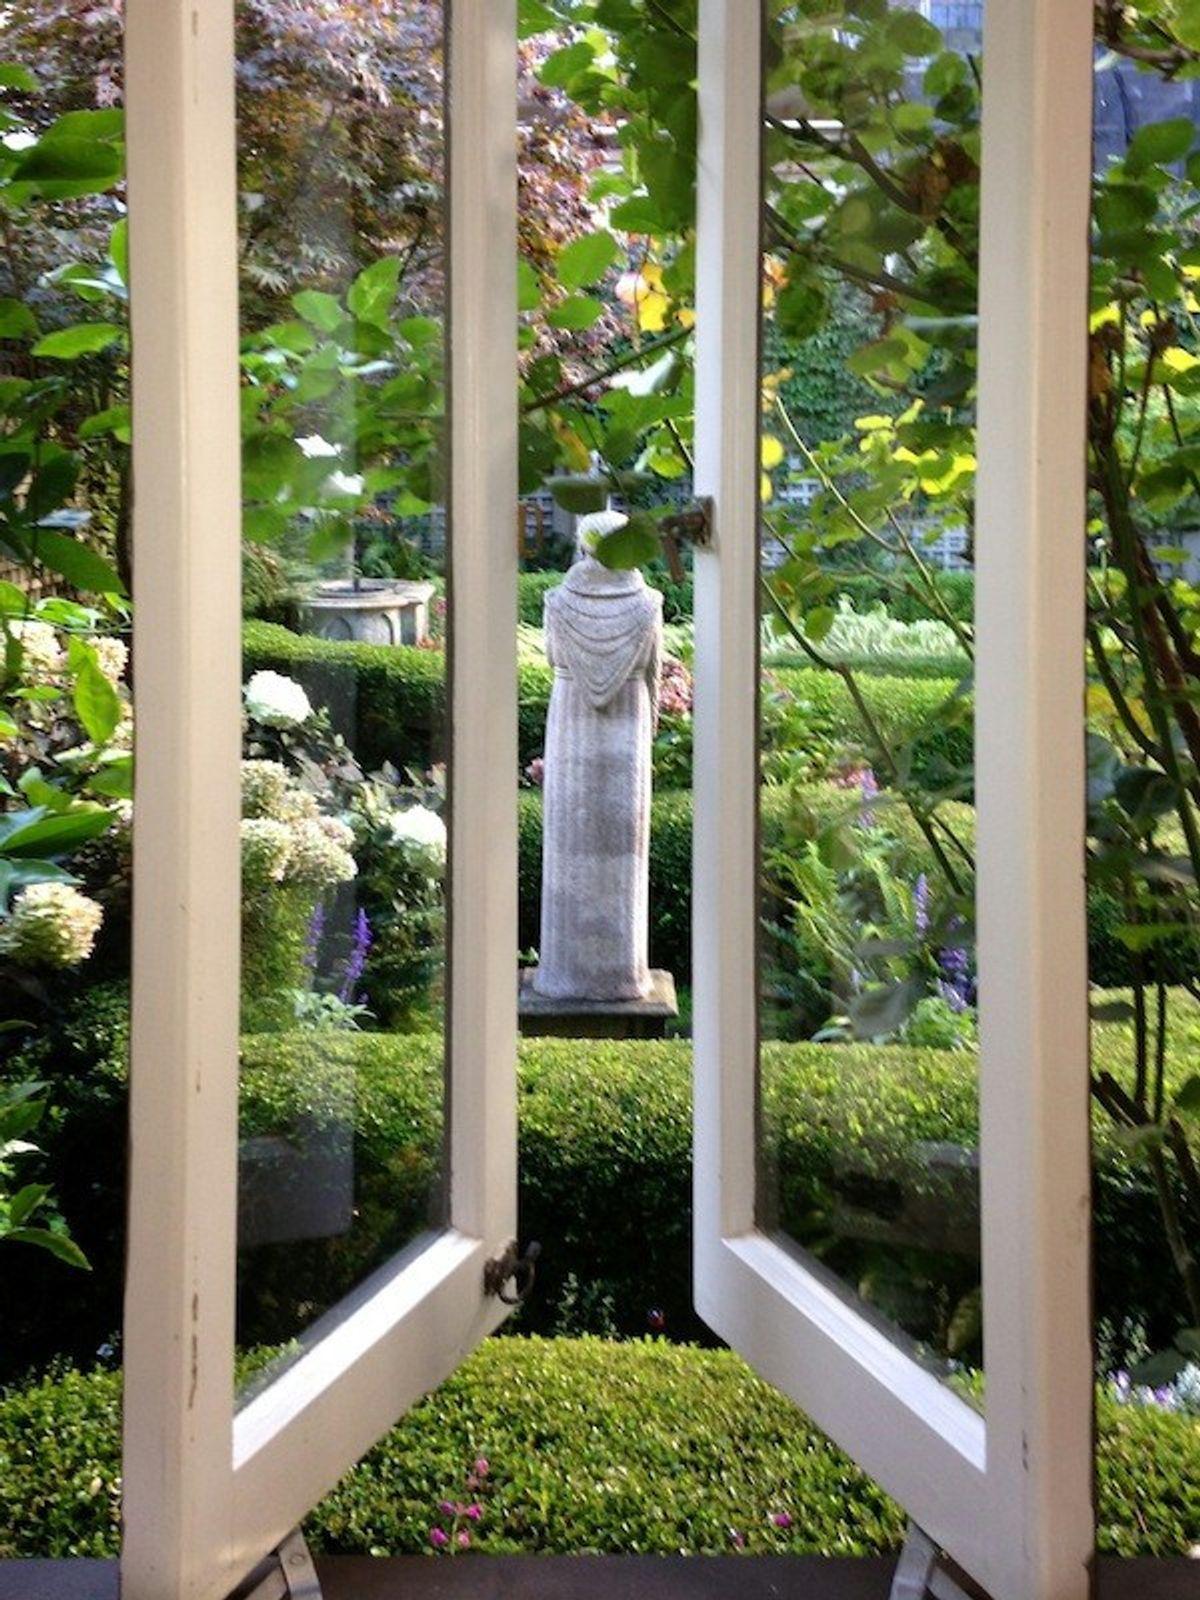 Russian Hill View Home & English Garden